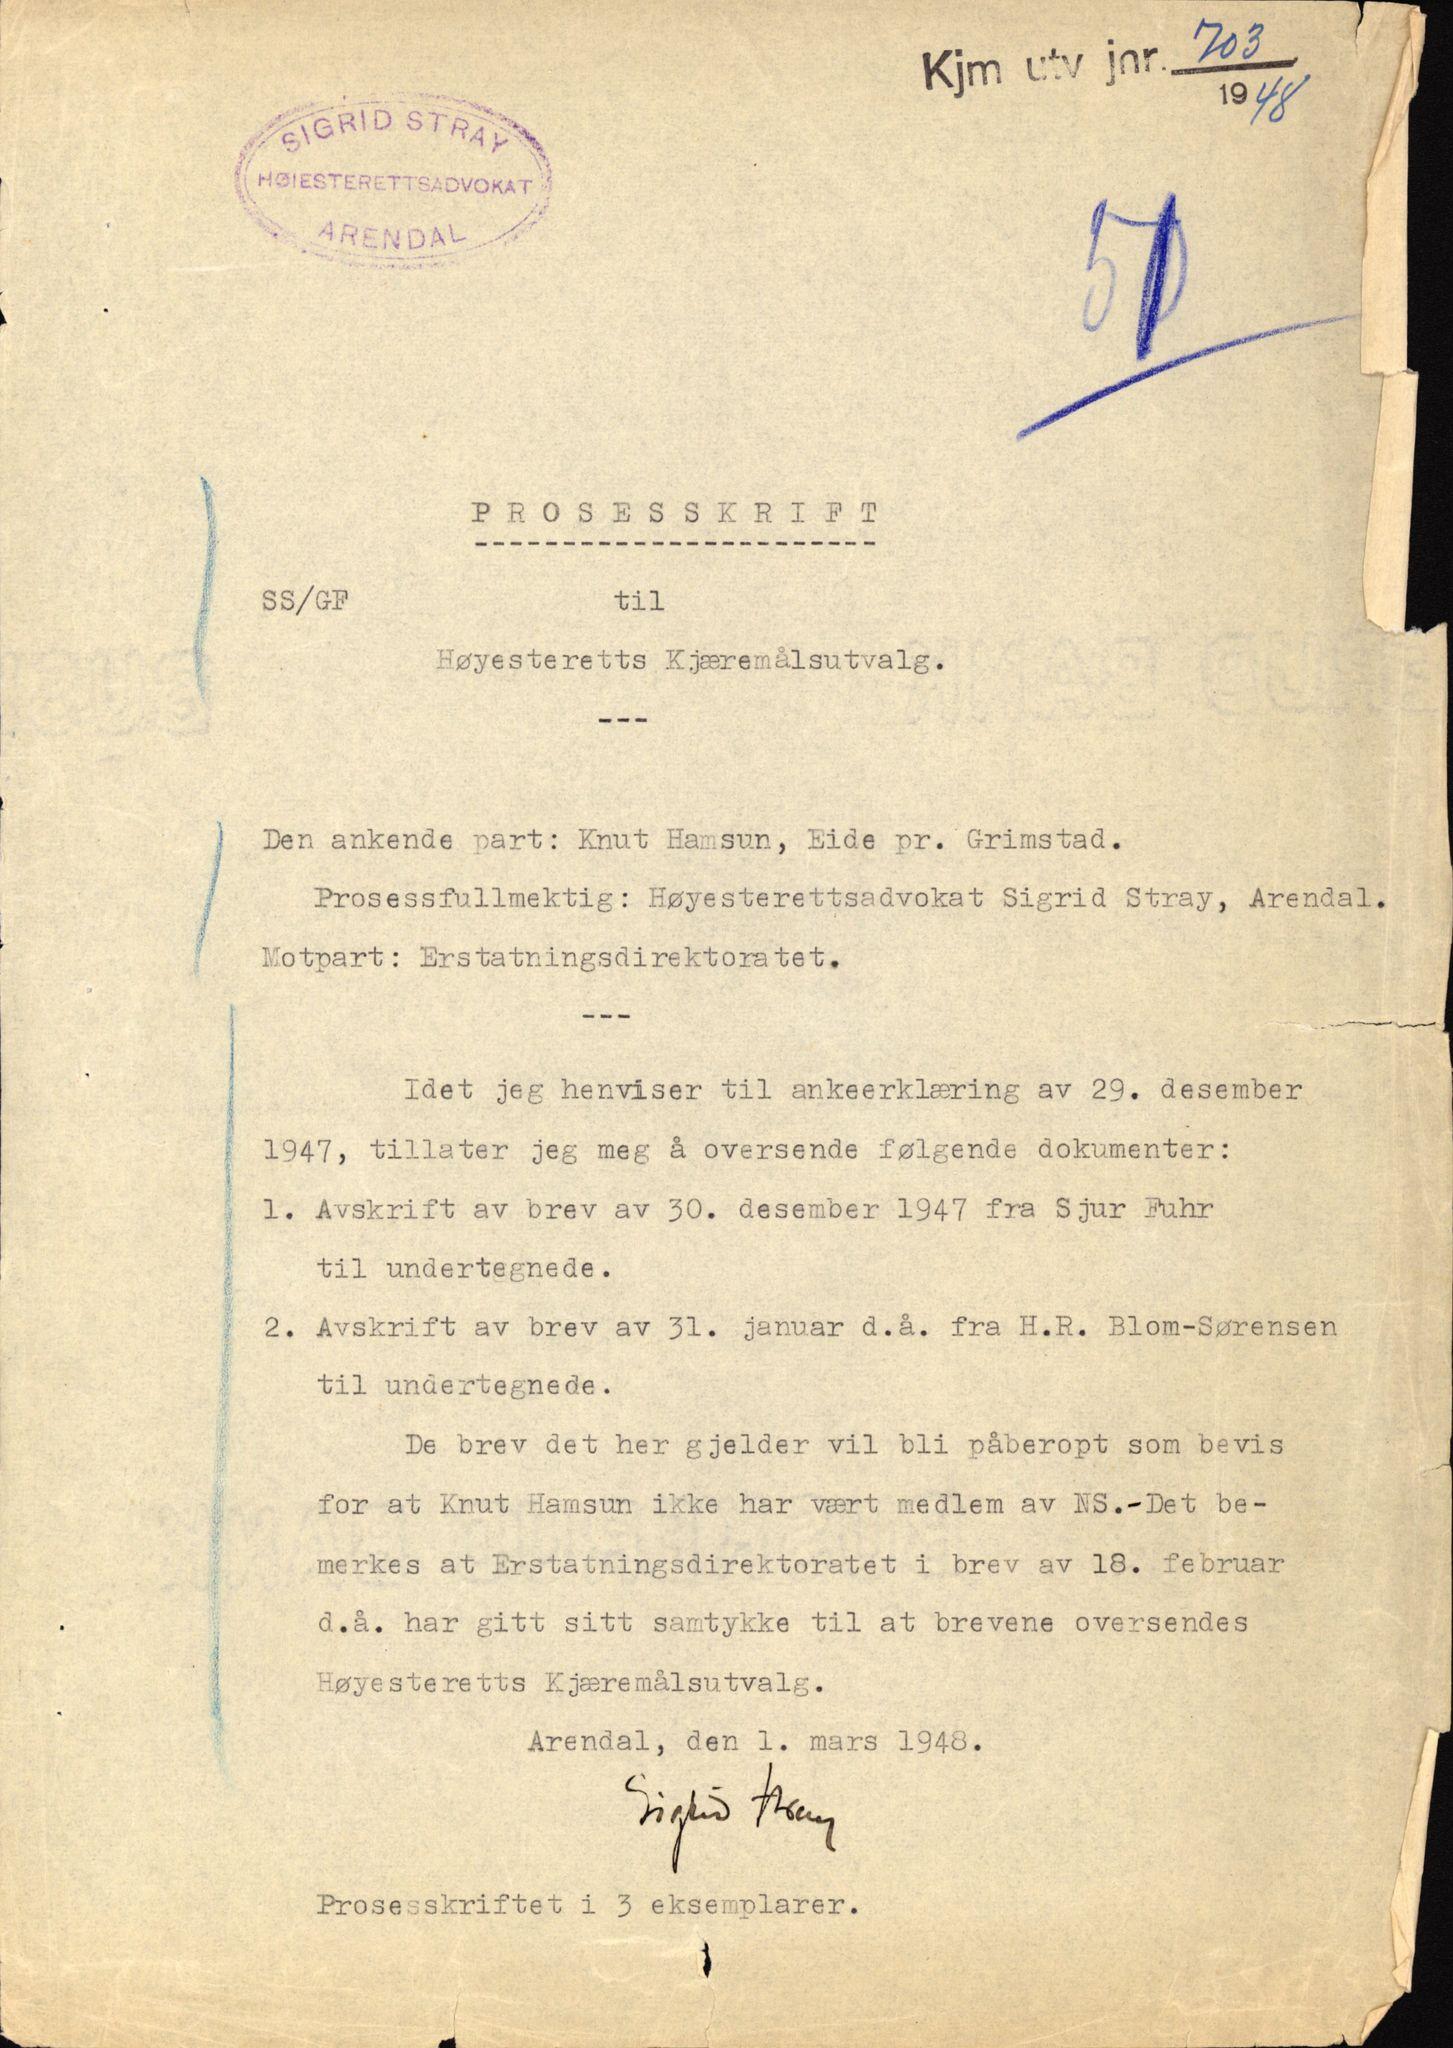 RA, Landssvikarkivet, Arendal politikammer, D/Dc/L0029: Anr. 192/45, 1945-1951, s. 583